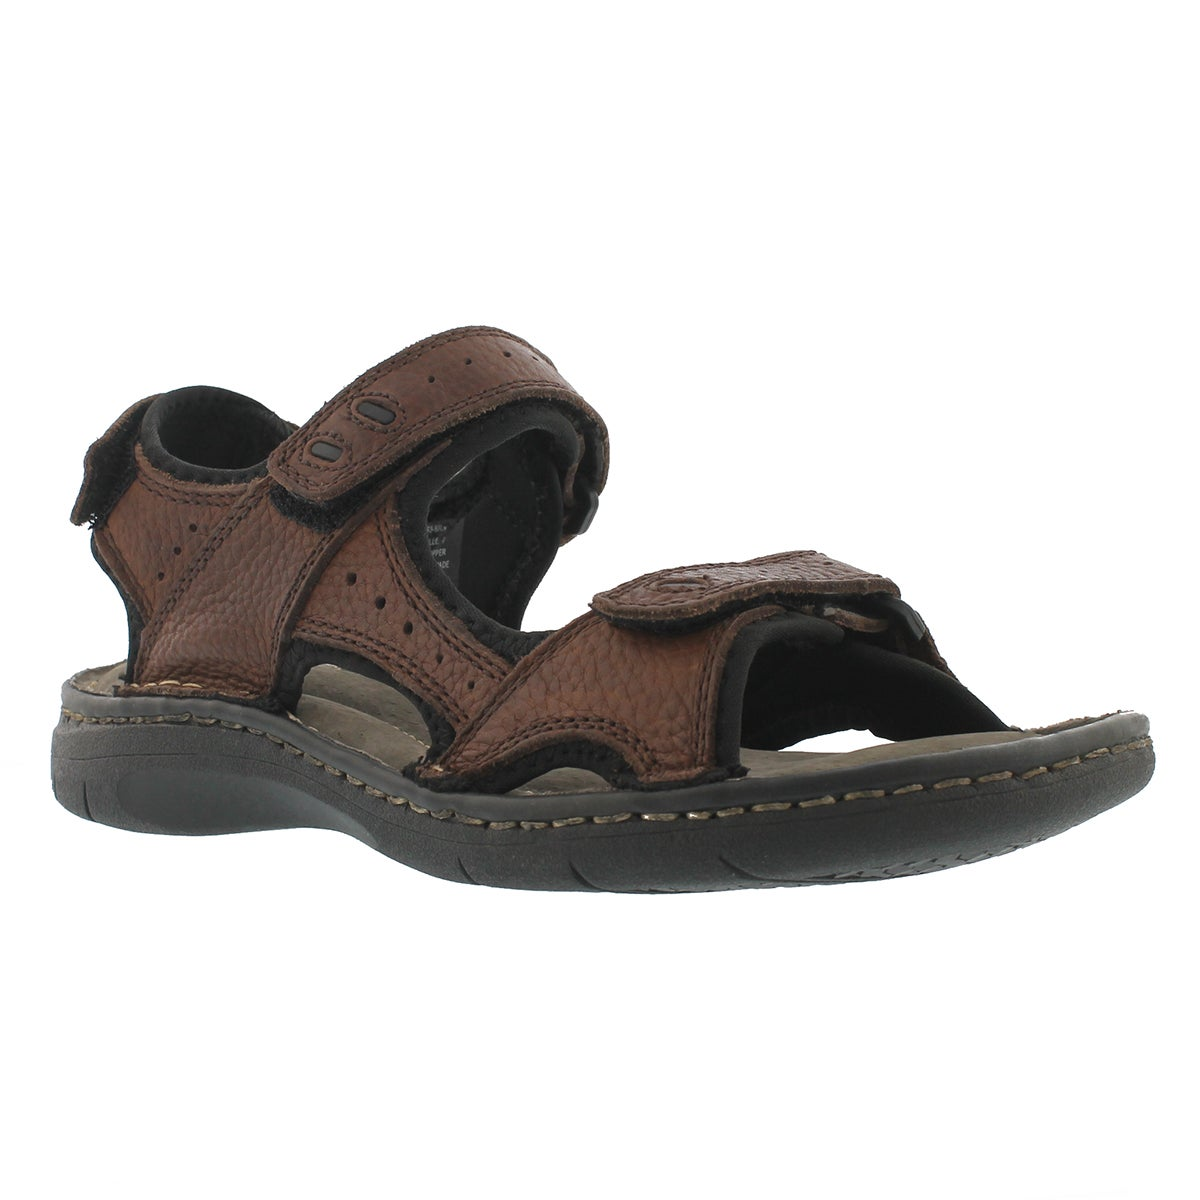 Sandale CURTIS 3, brun, hommes